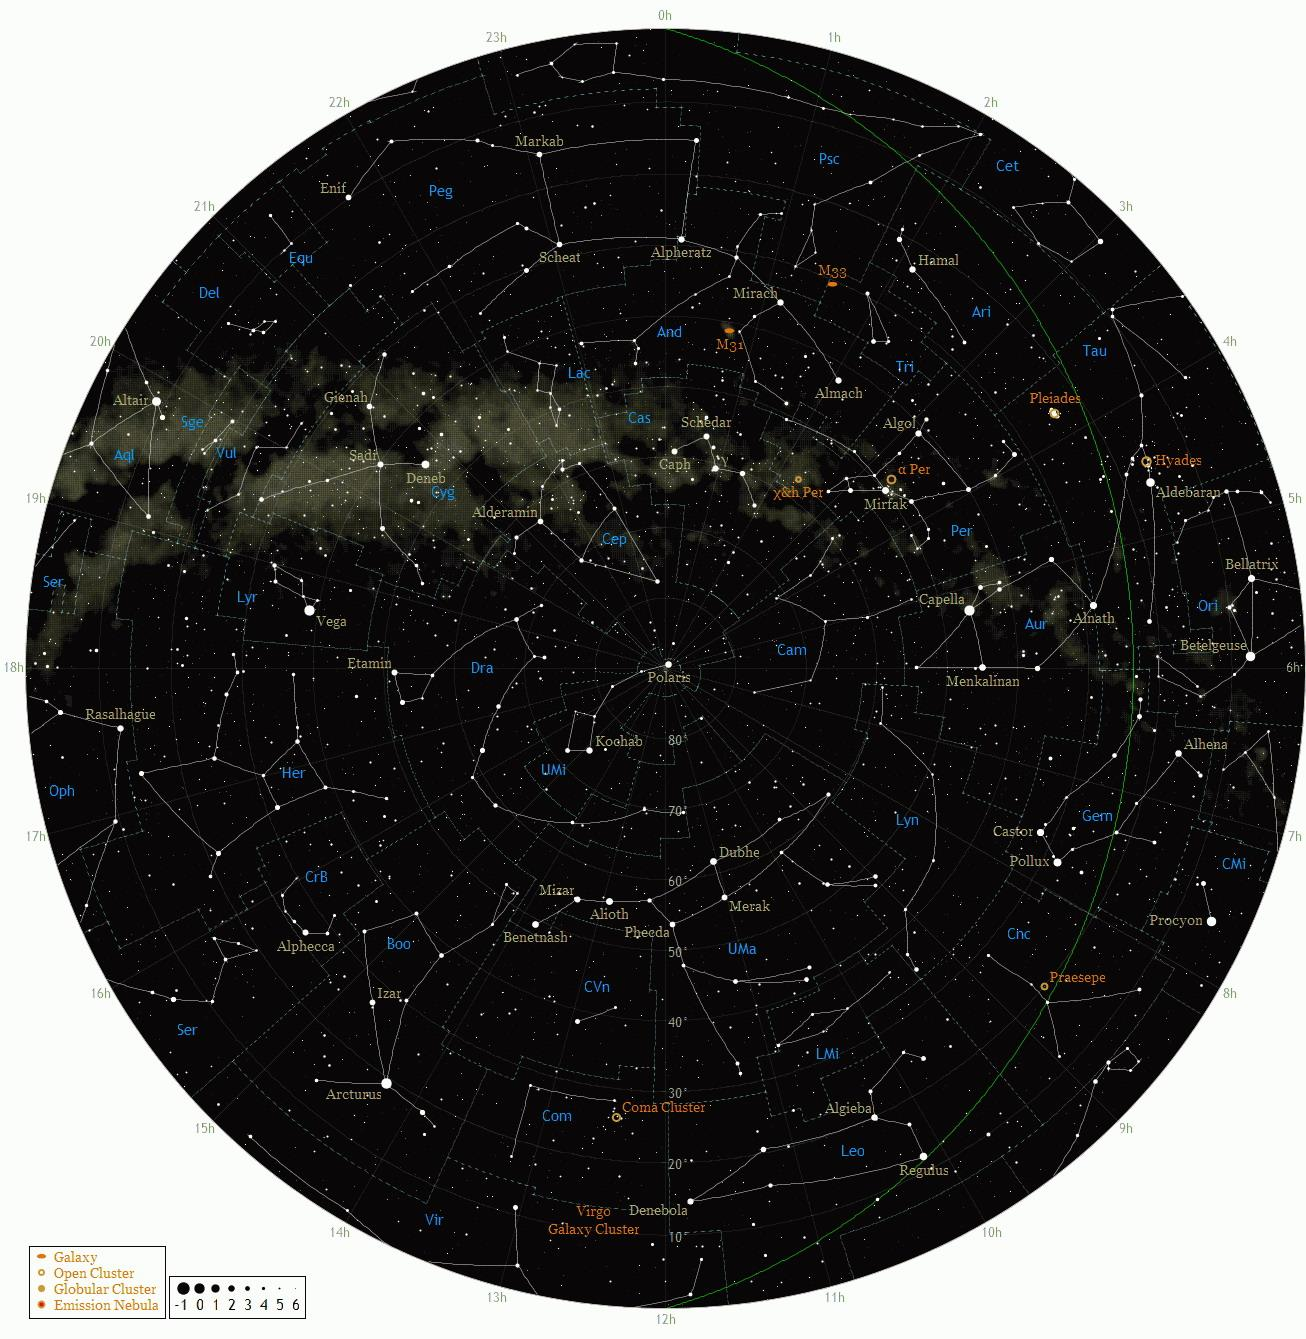 نقشه ستاره های نیمکره شمالی